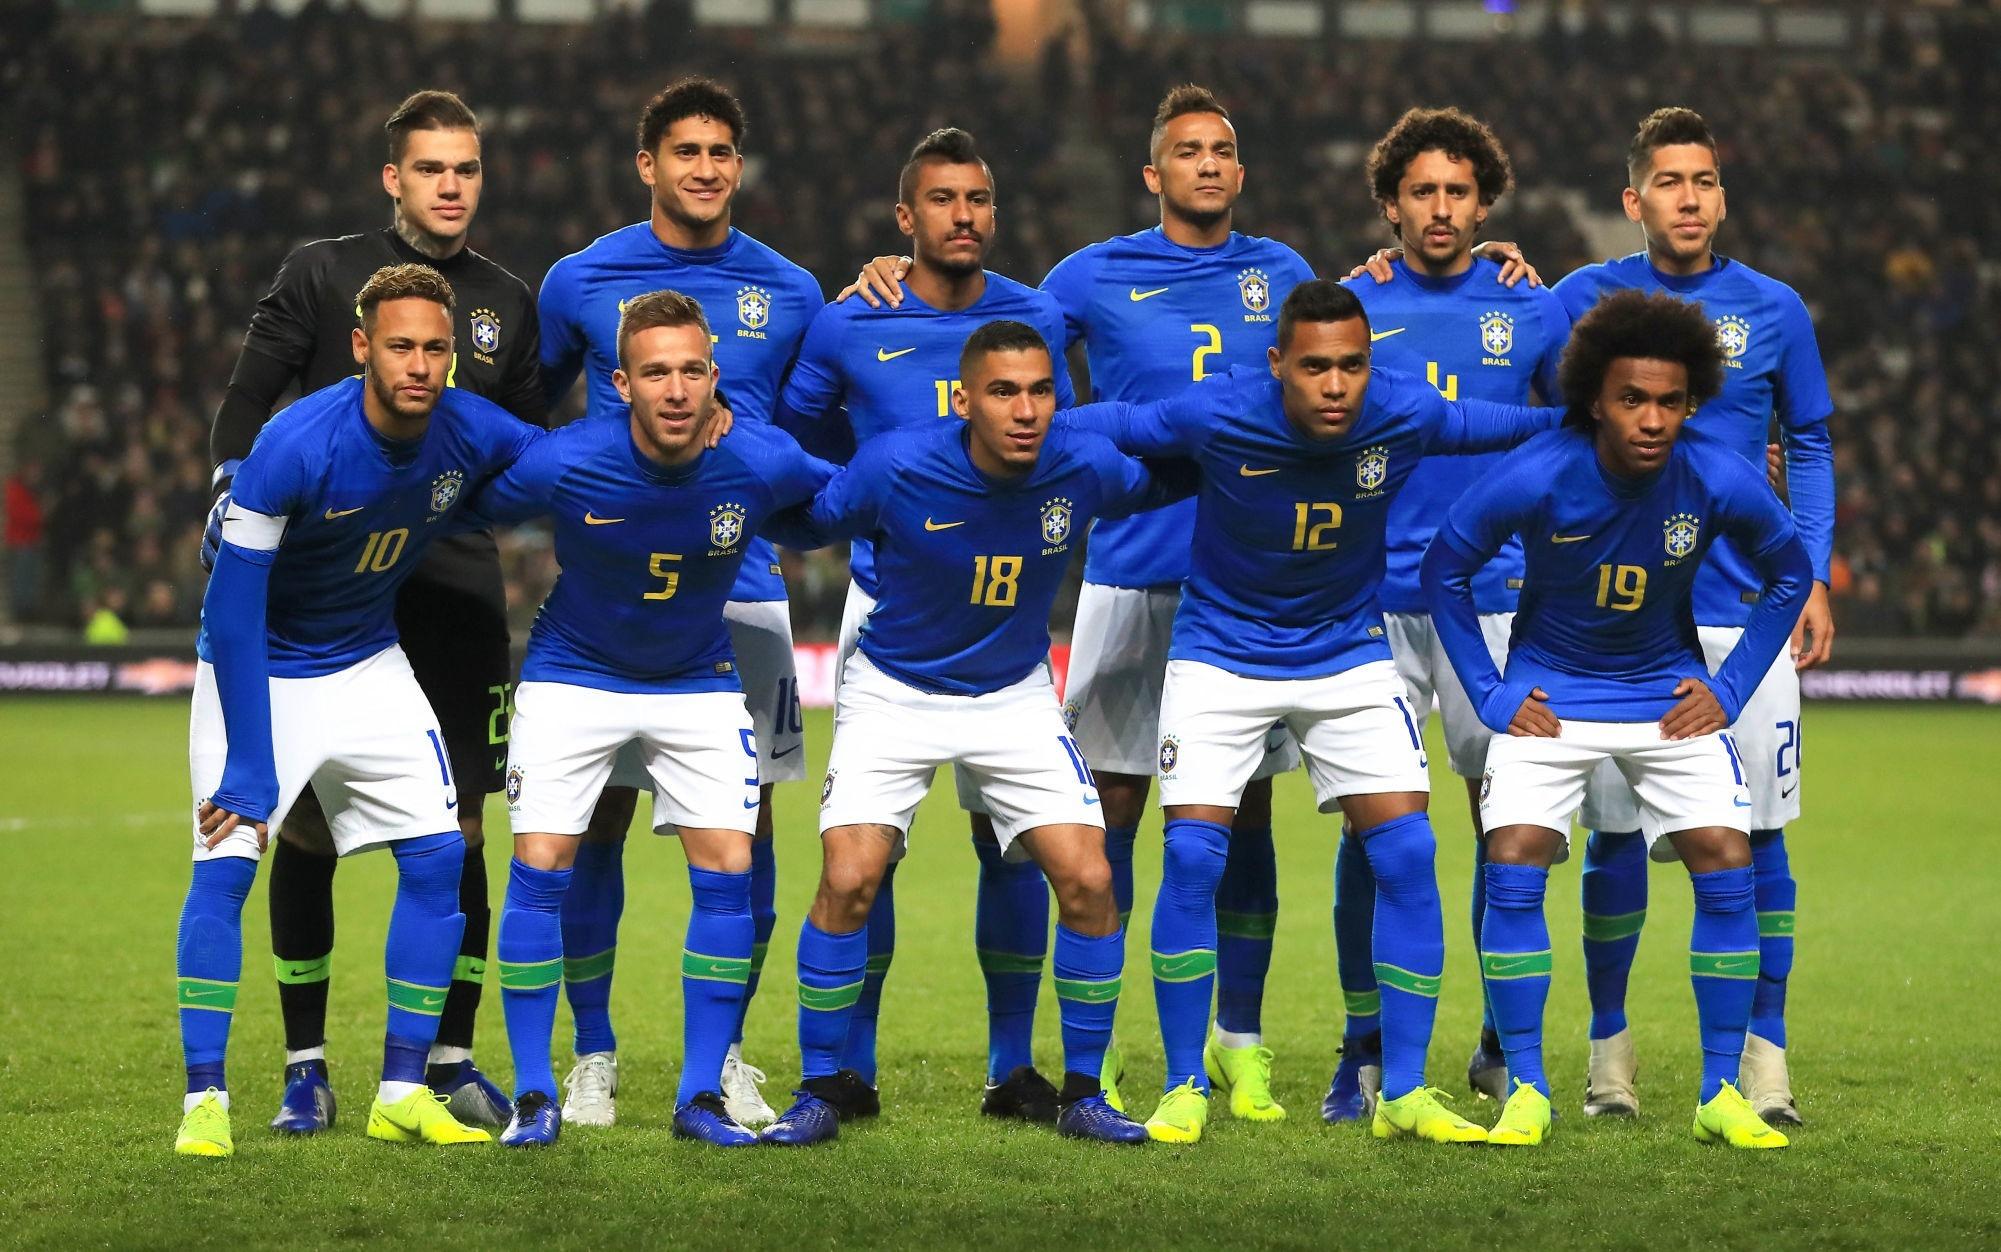 Brésil/Venezuela - Les équipes officielles : Neymar et Marquinhos titulaires